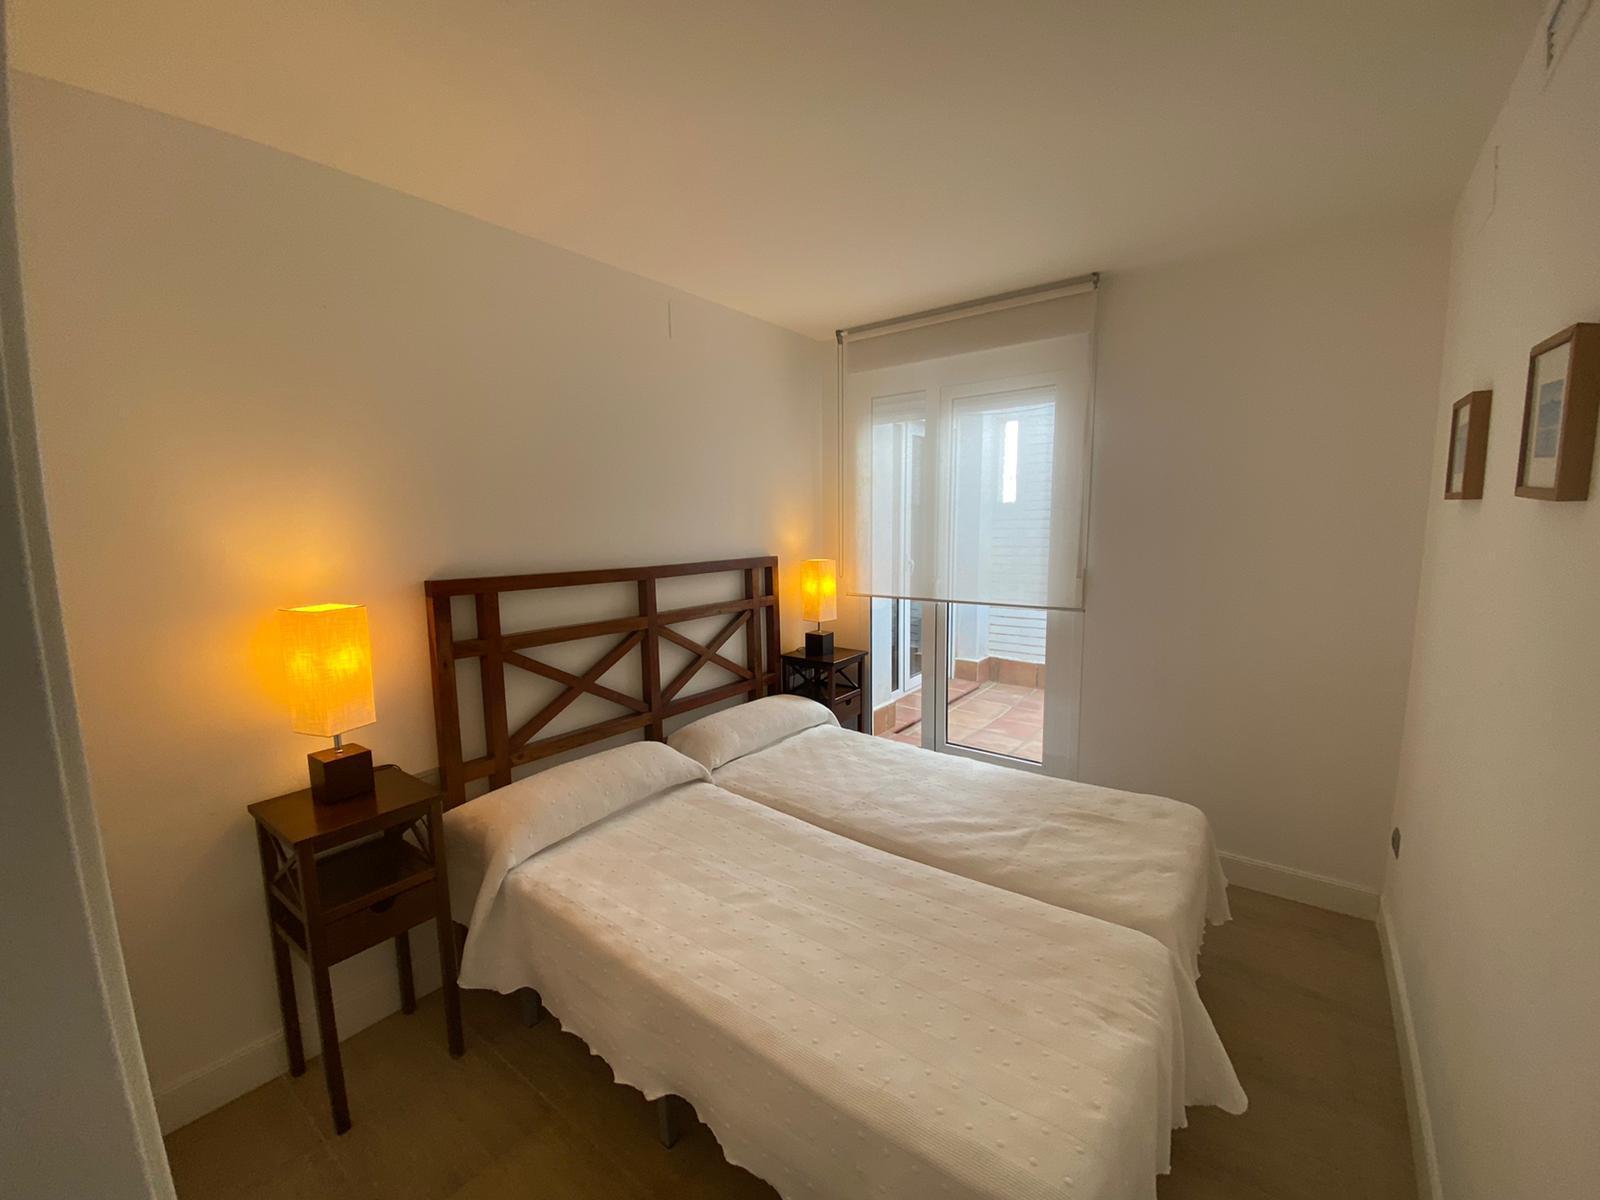 Imagen 19 del Apartamento Turístico, Ático 6 Central (3d+2b), Punta del Moral (HUELVA), Paseo de la Cruz nº22